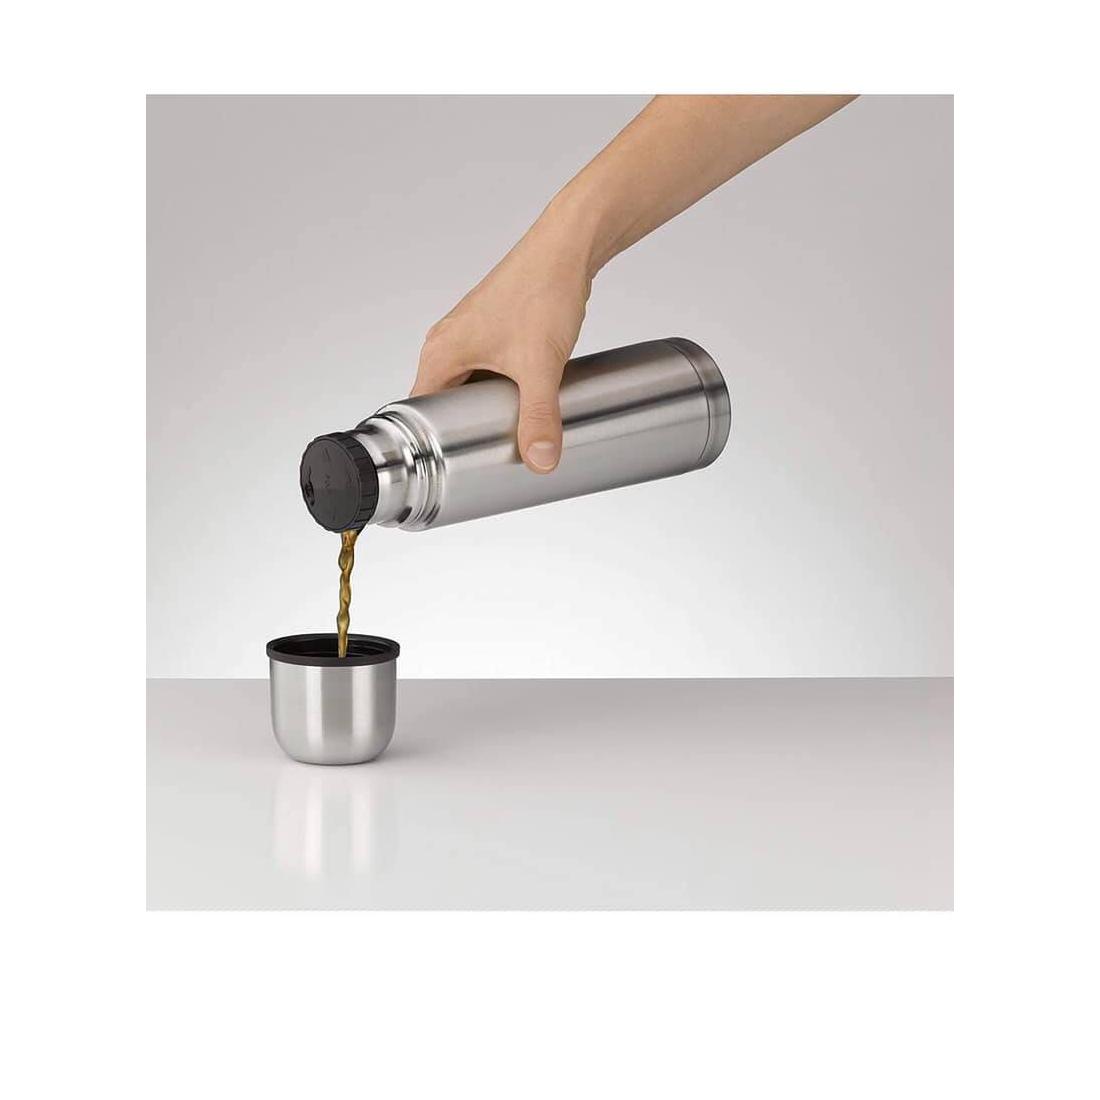 Bình/ cốc giữ nhiệt ALFI 500ml-Thế giới đồ gia dụng HMD